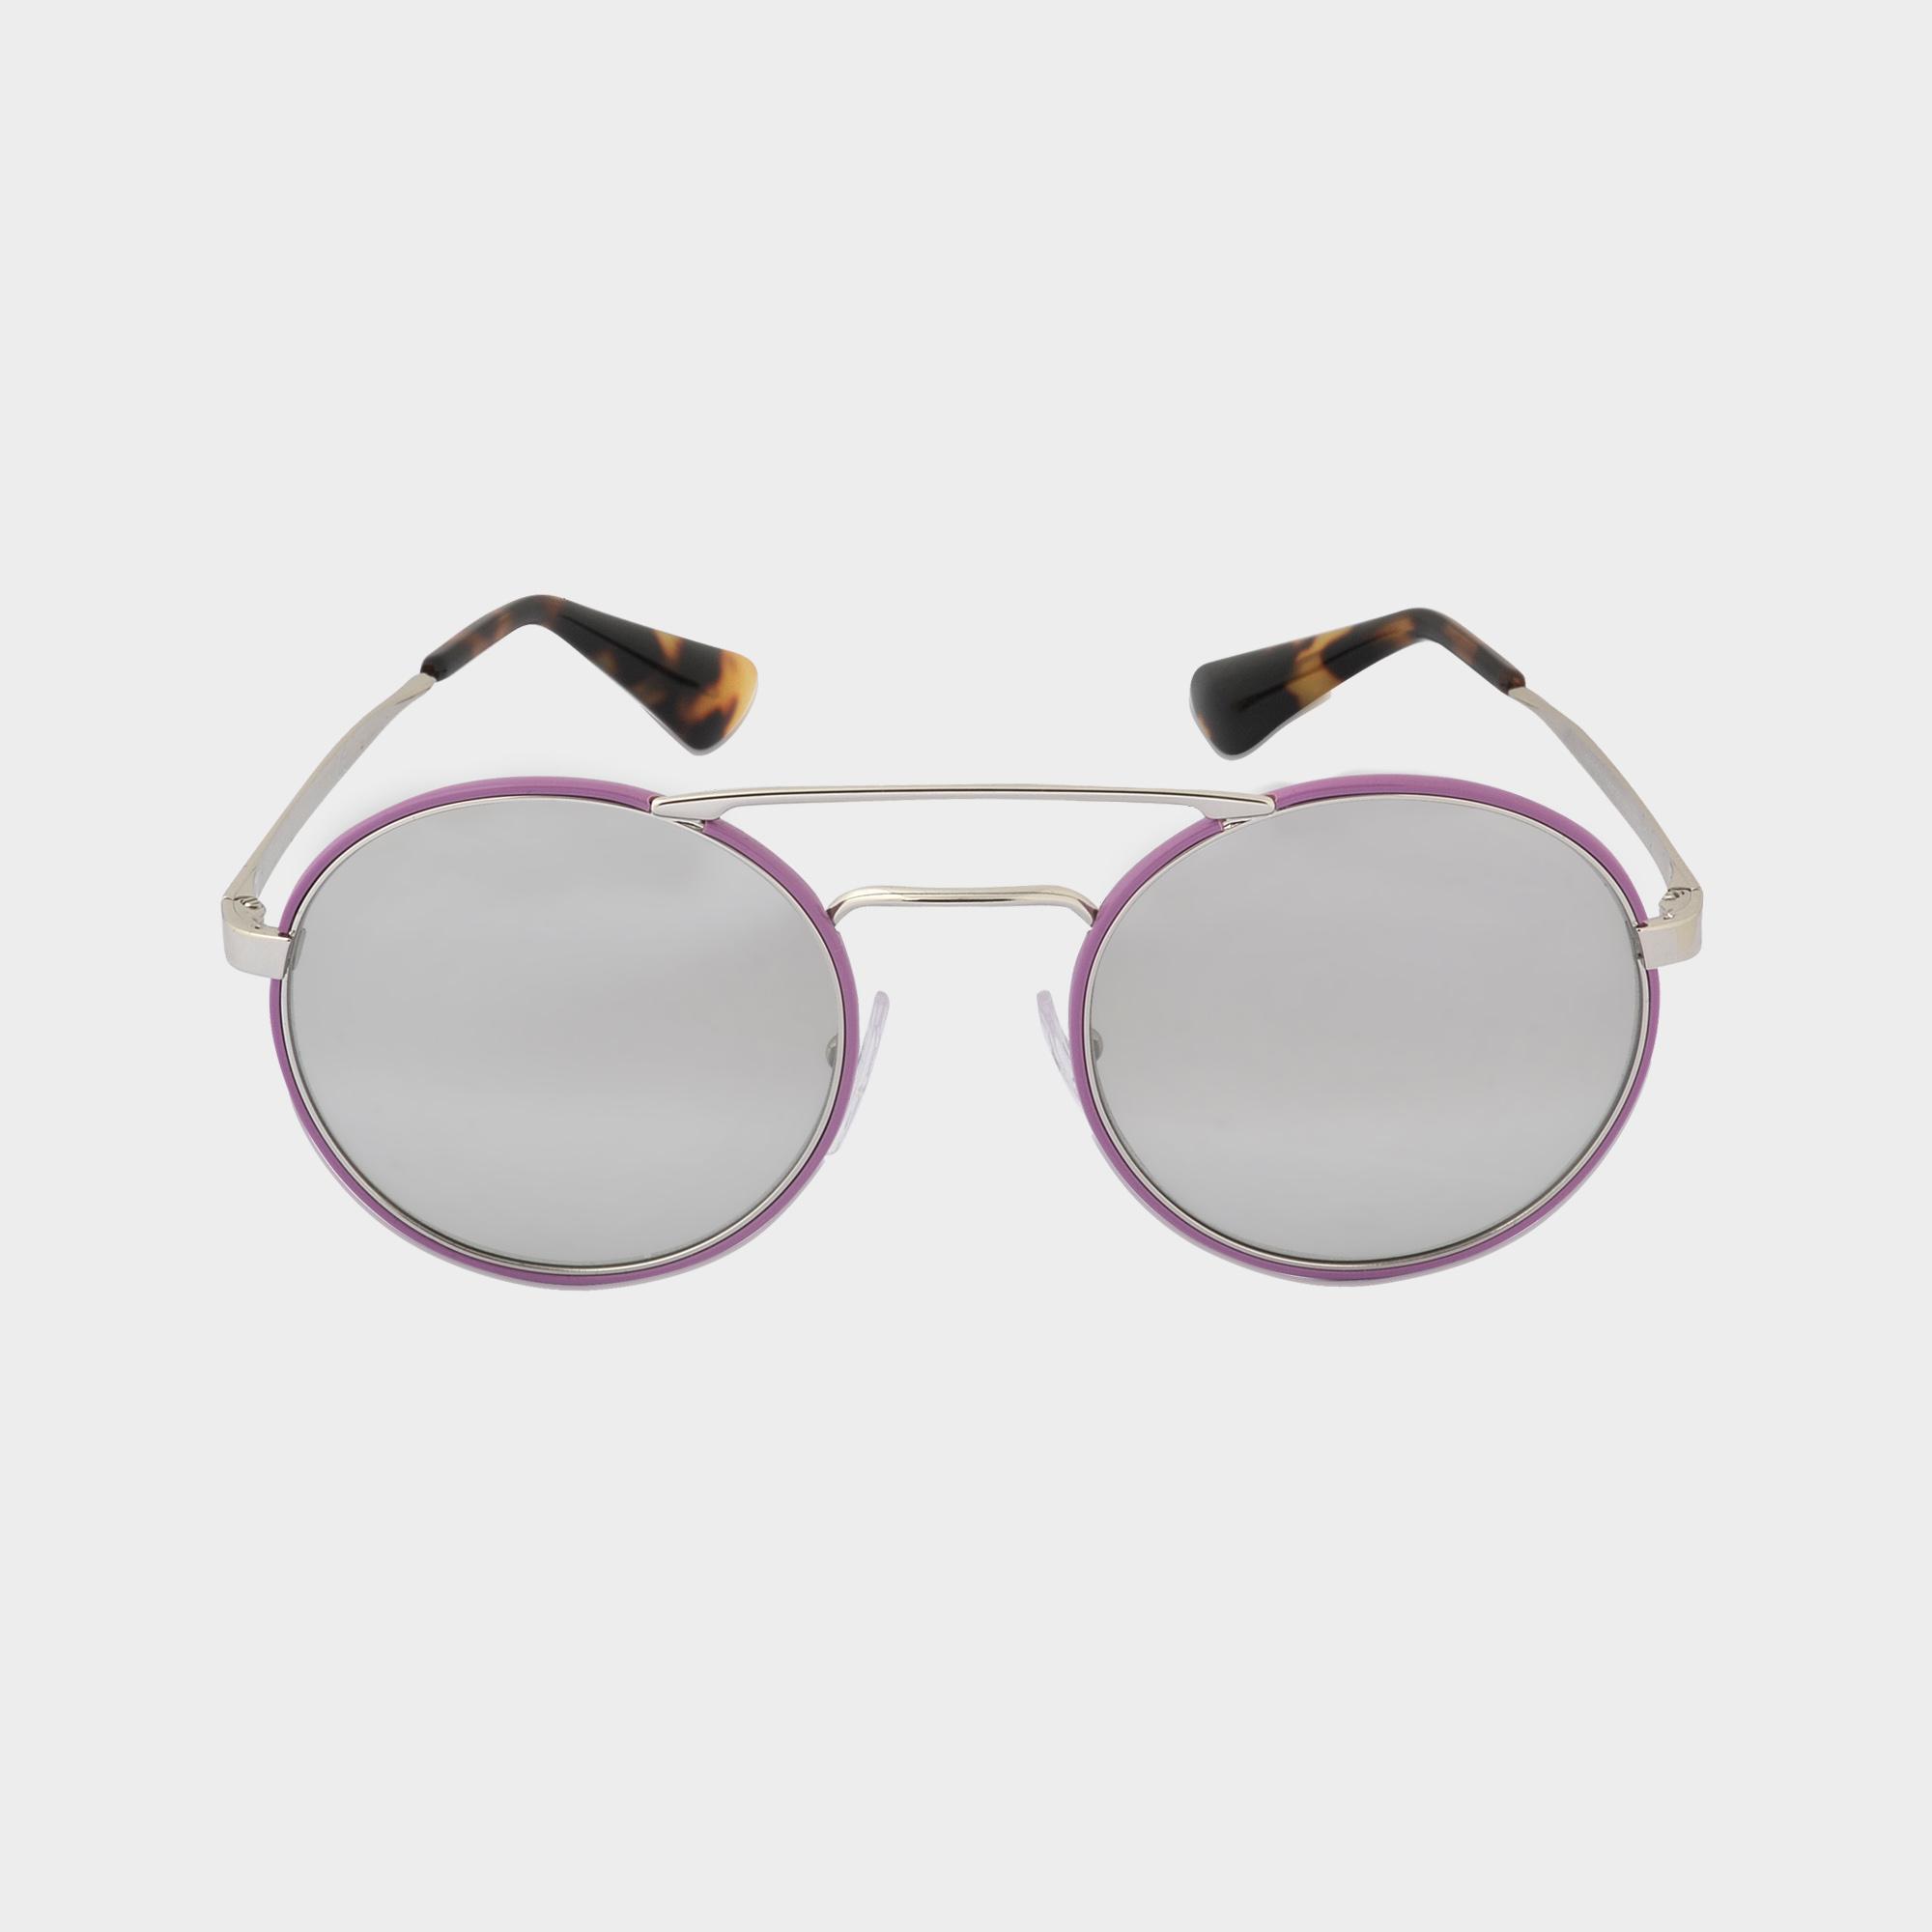 032dda4f35 Prada 0pr 51ss Sunglasses - Lyst